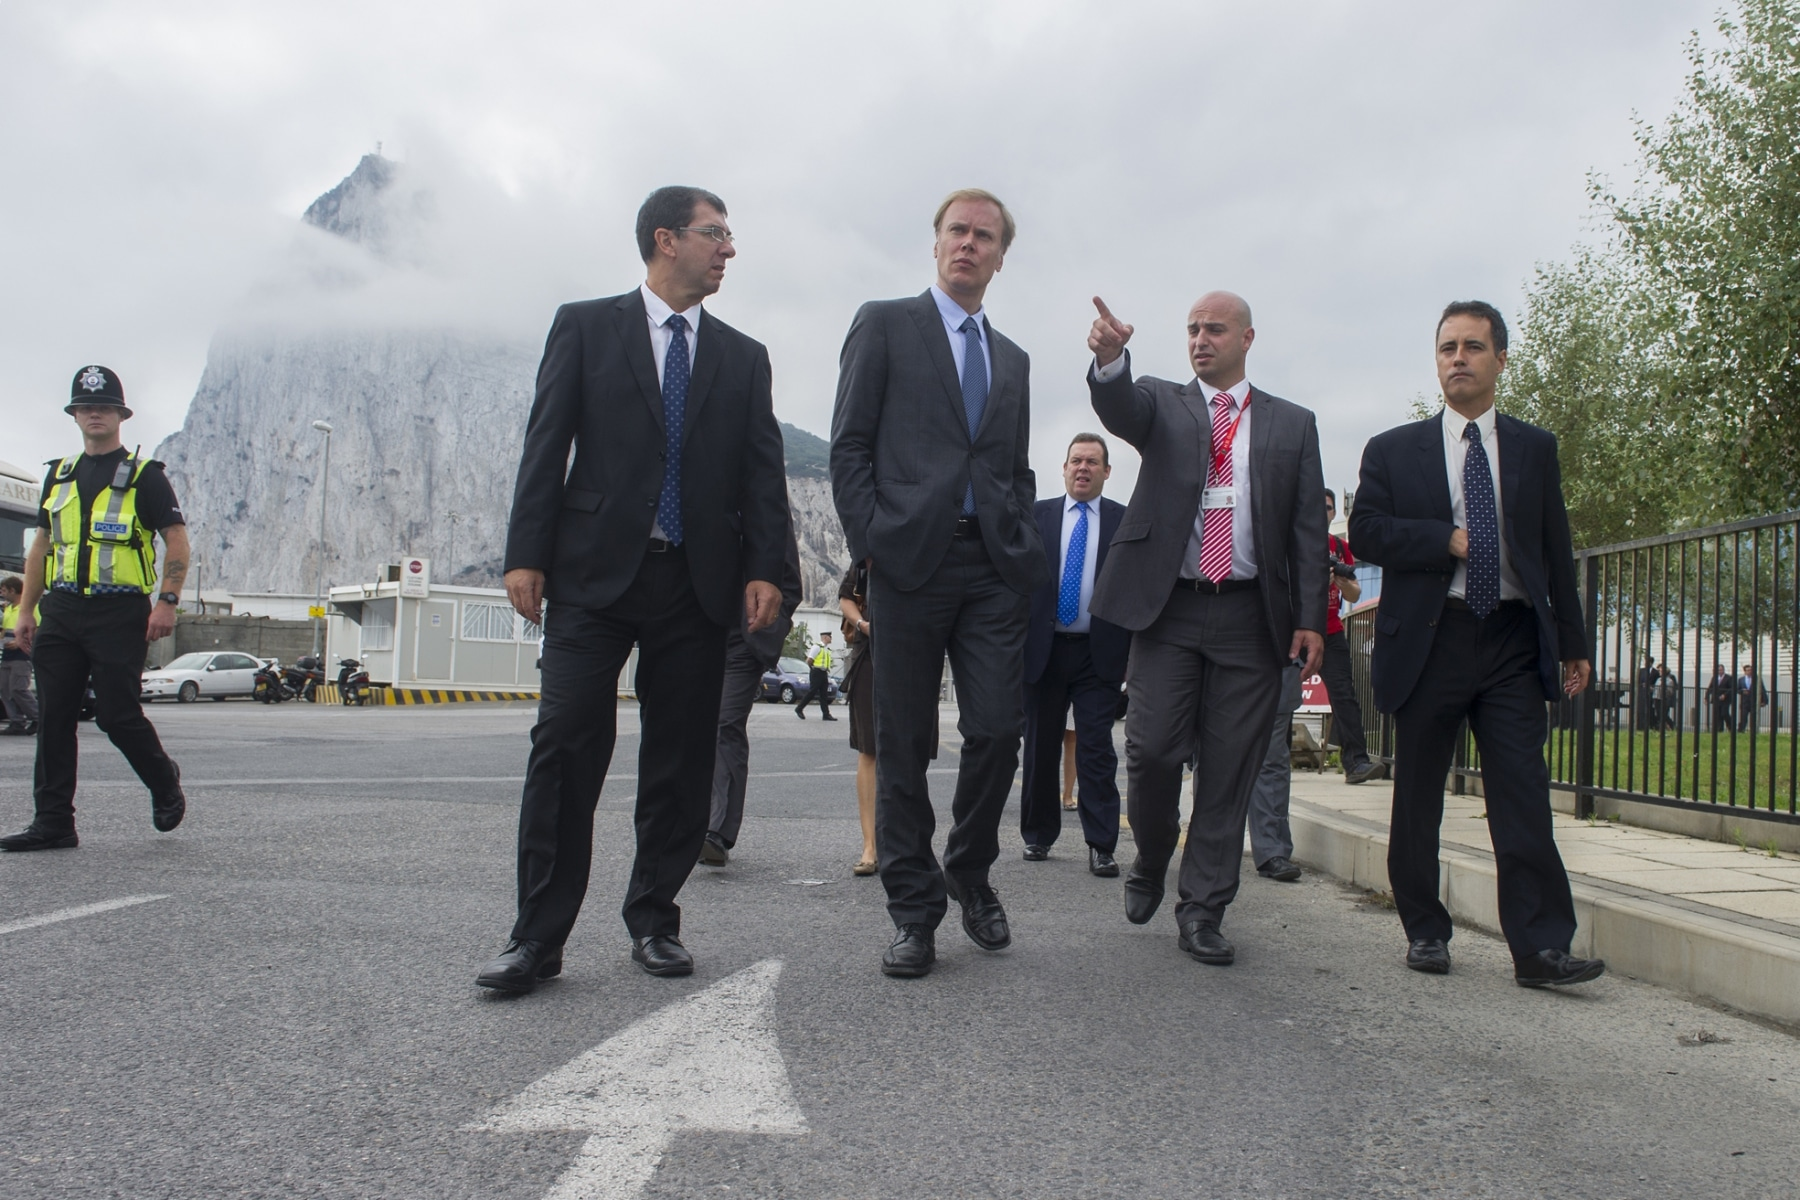 Gibraltar, 25 septiembre 2013. Miembros de la Comisión Europea comentando la situación de la frontera de Gibraltar junto a miembros de la aduana gibraltareña. MARCOS MORENO